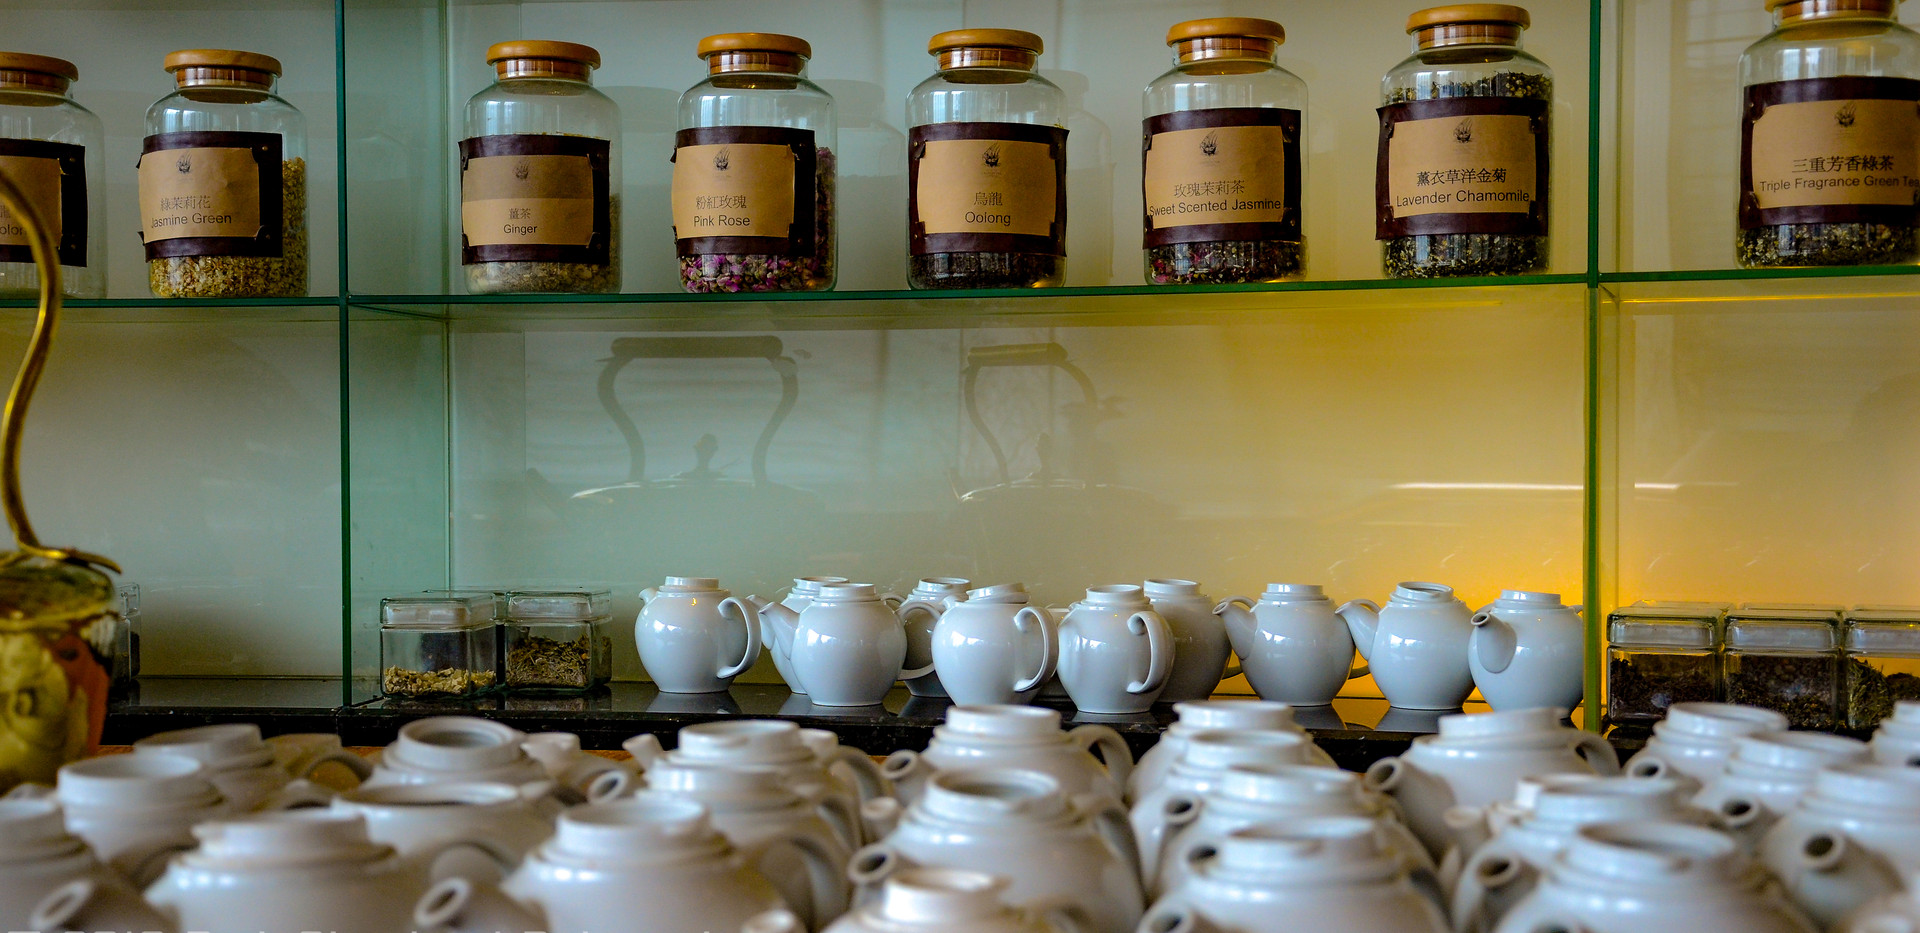 Canton Tea Company teapots